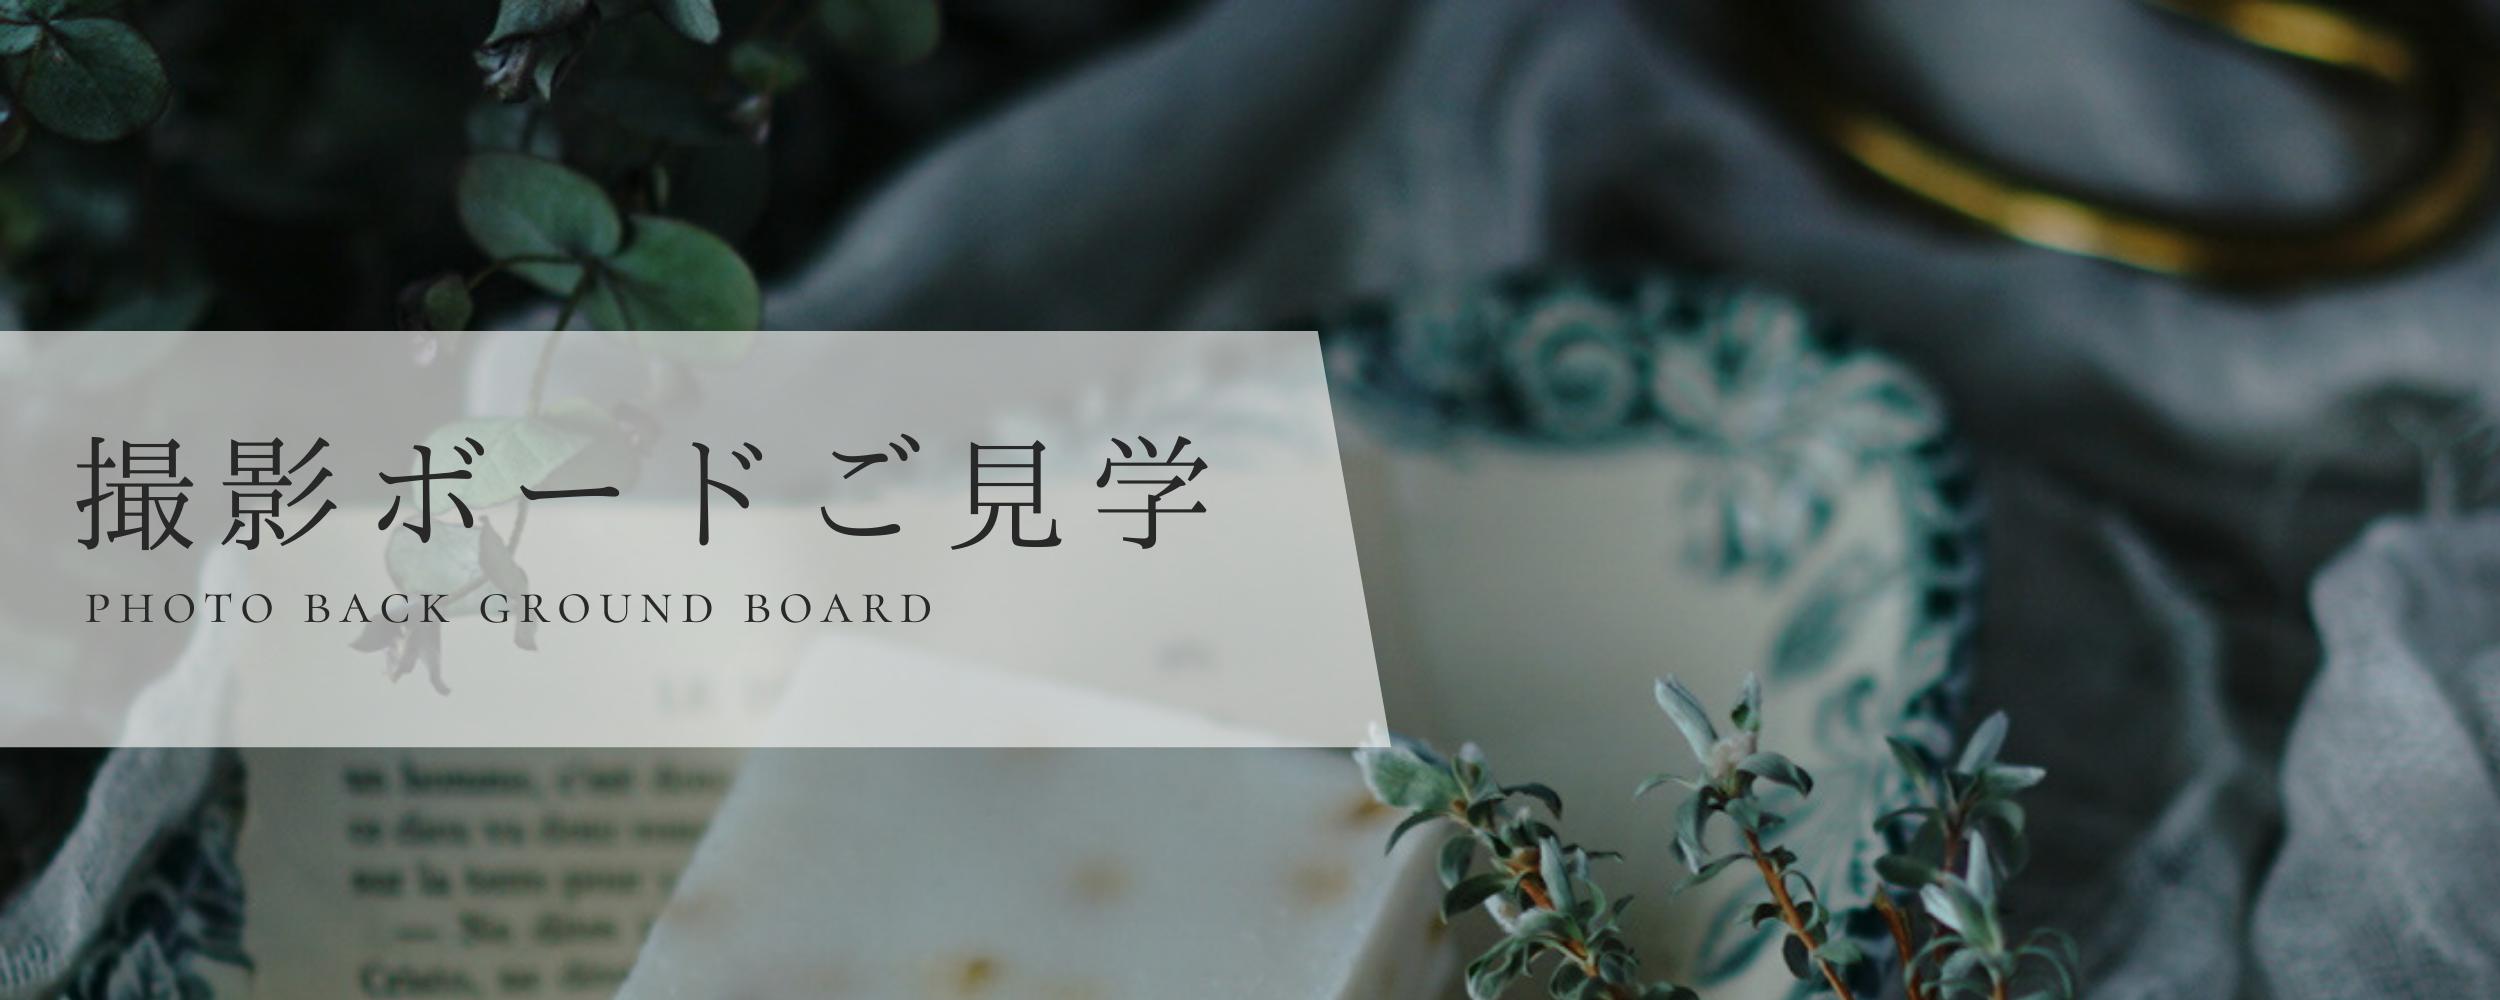 大阪撮影ボード制作見学